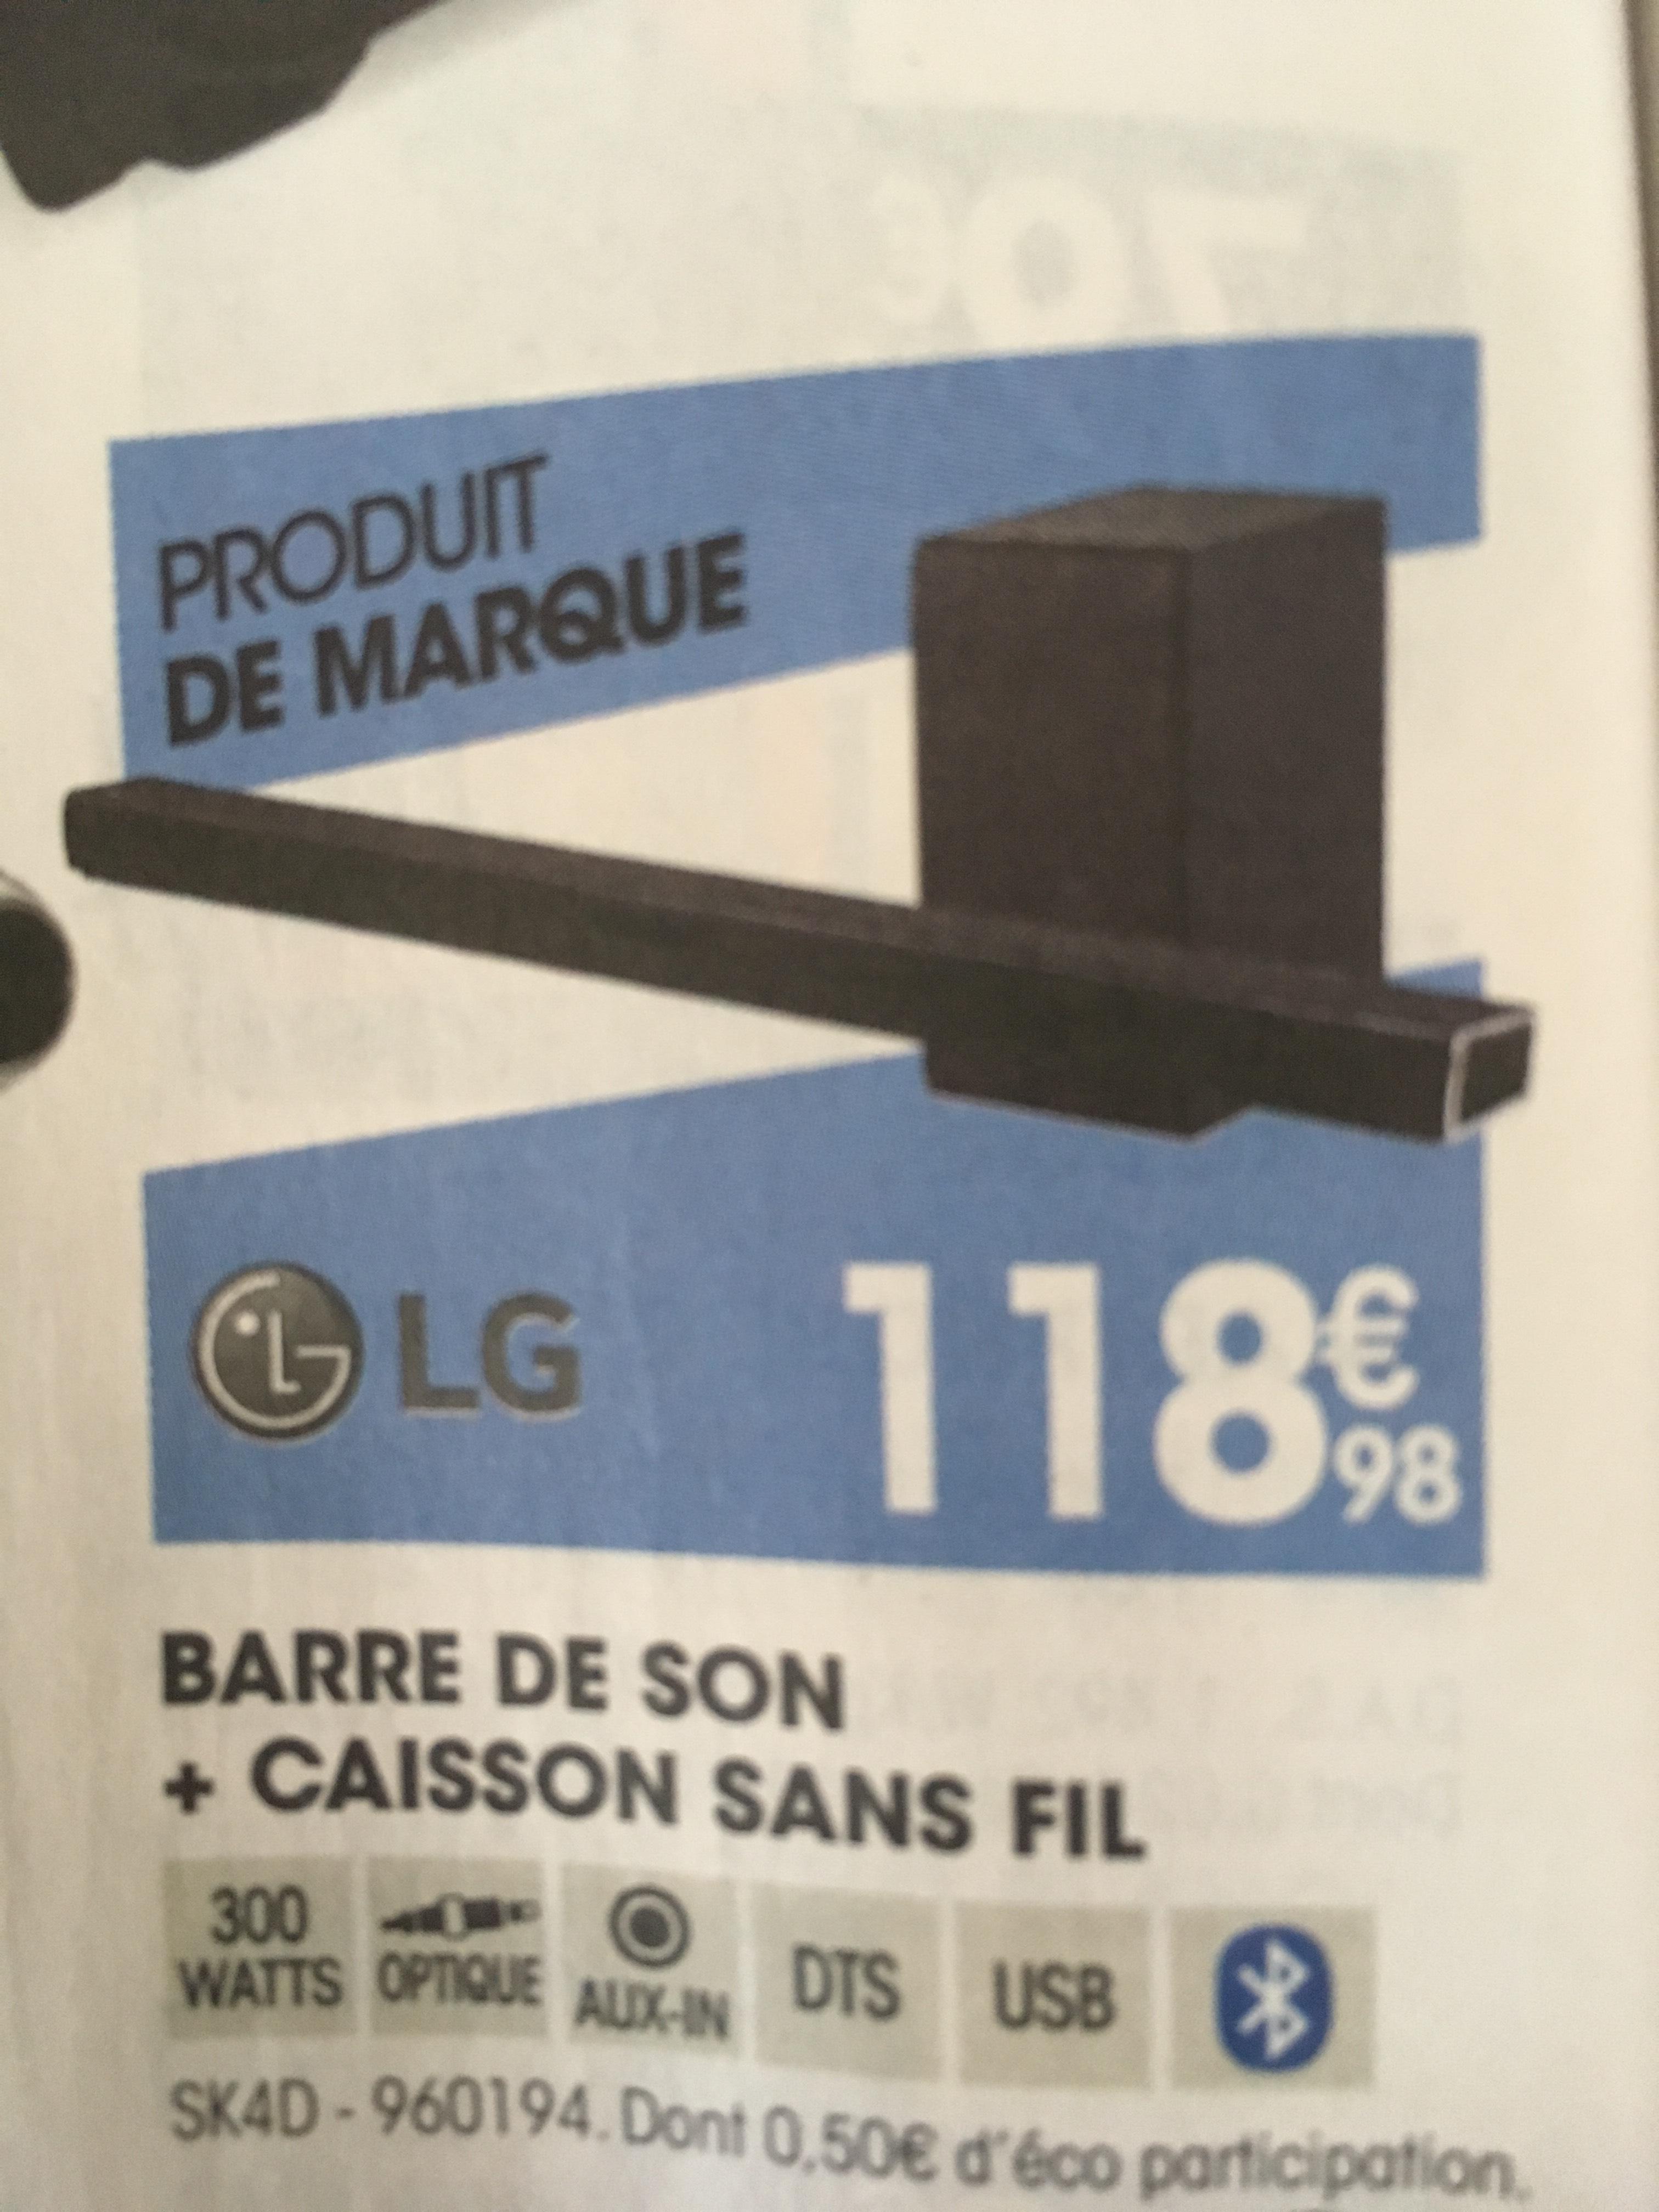 Barre de son + Caisson sans Fil LG LGSK4D (300W) - Avrillé (49)